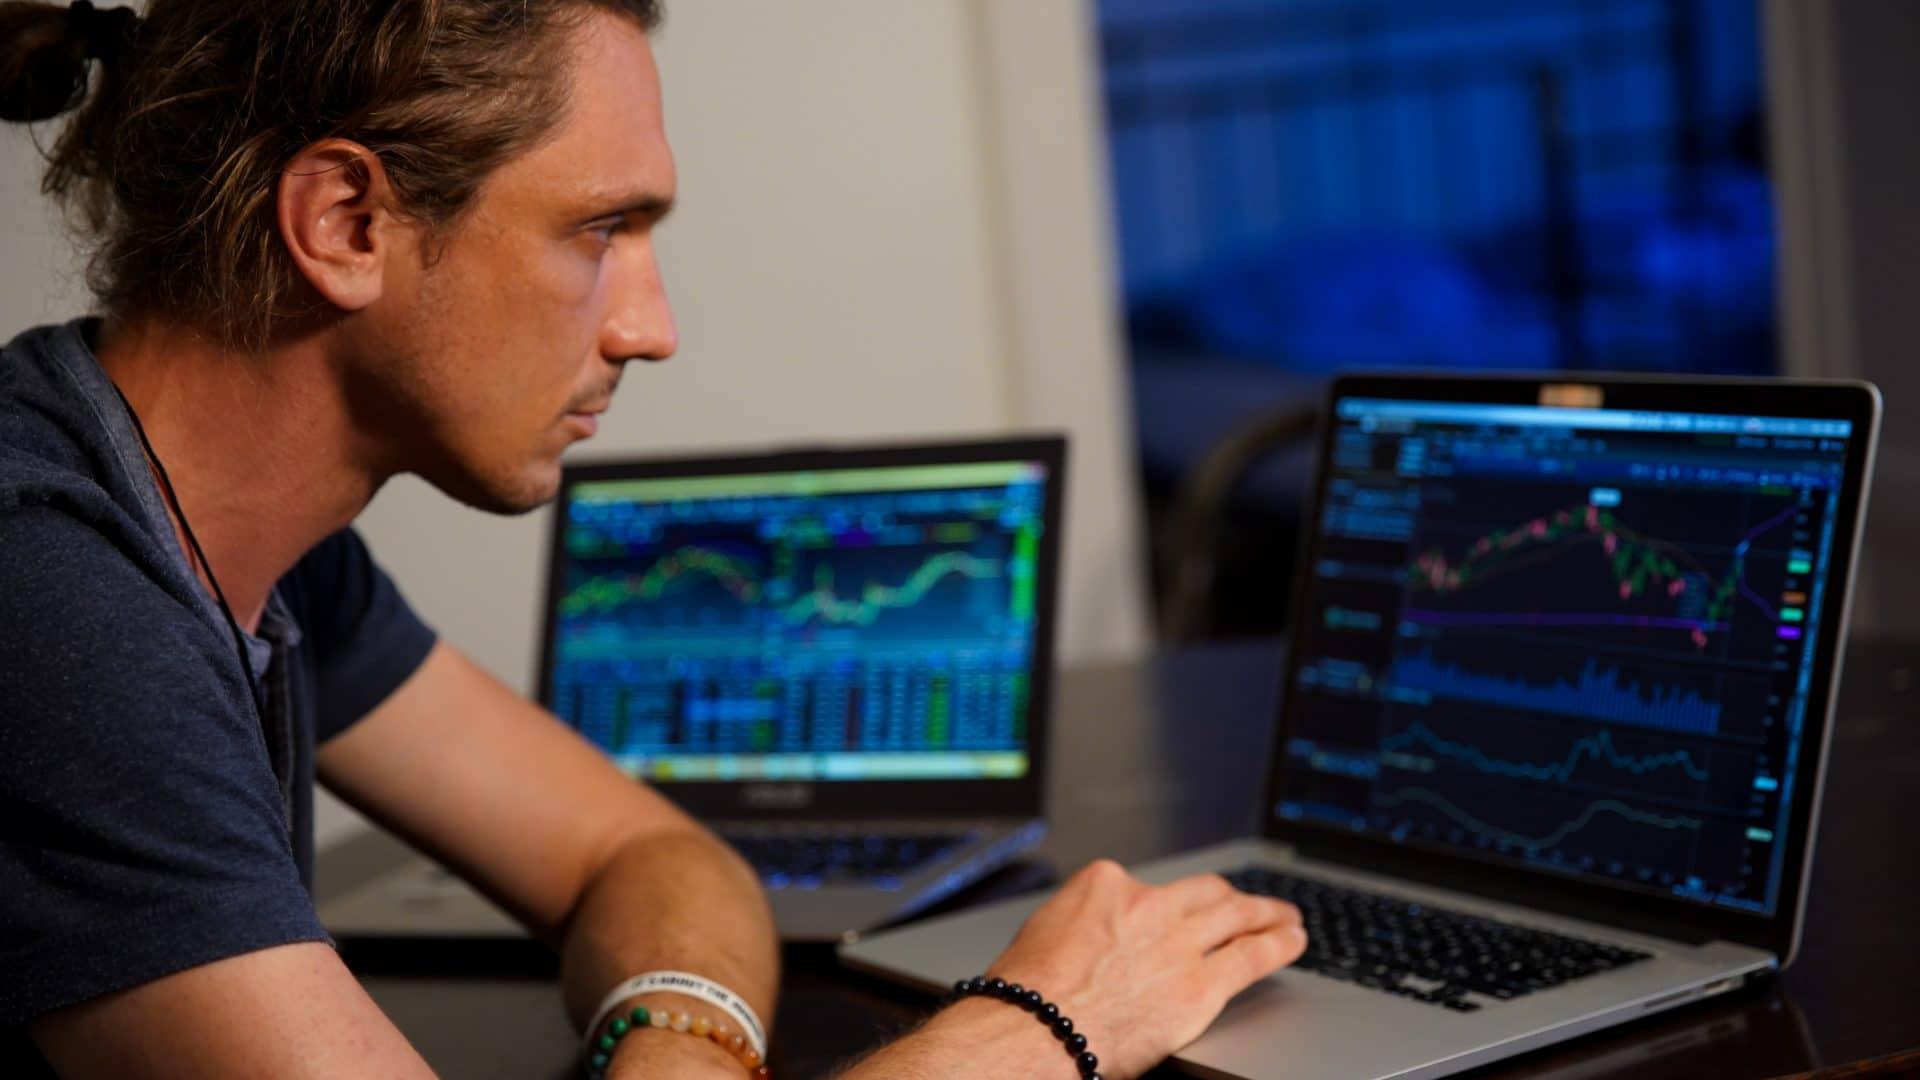 Apprendre le métier de trader